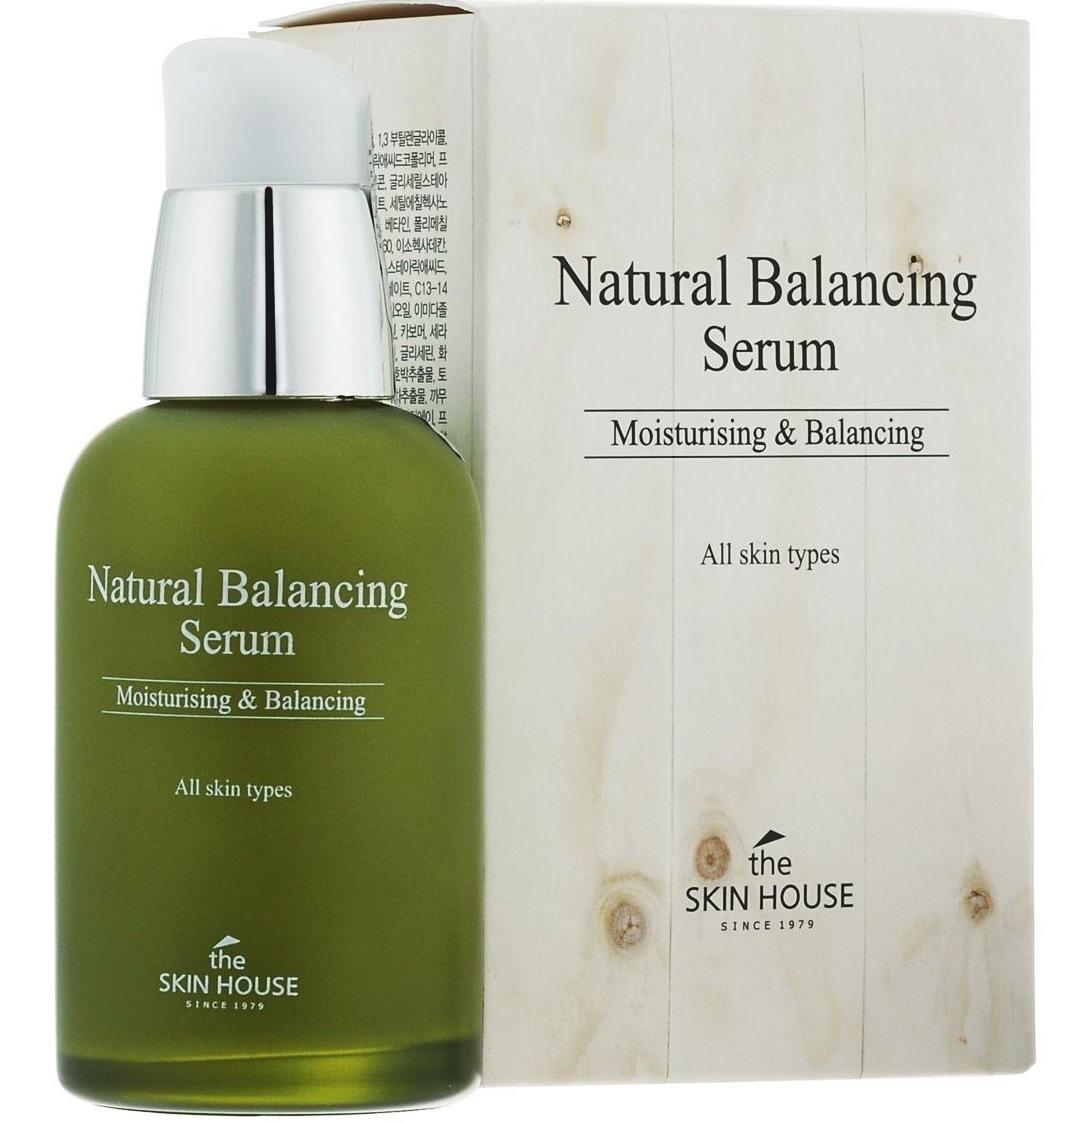 Матирующая балансирующая сыворотка The Skin House Natural Balancing купить в интернет магазине корейской косметики topkorea.ru